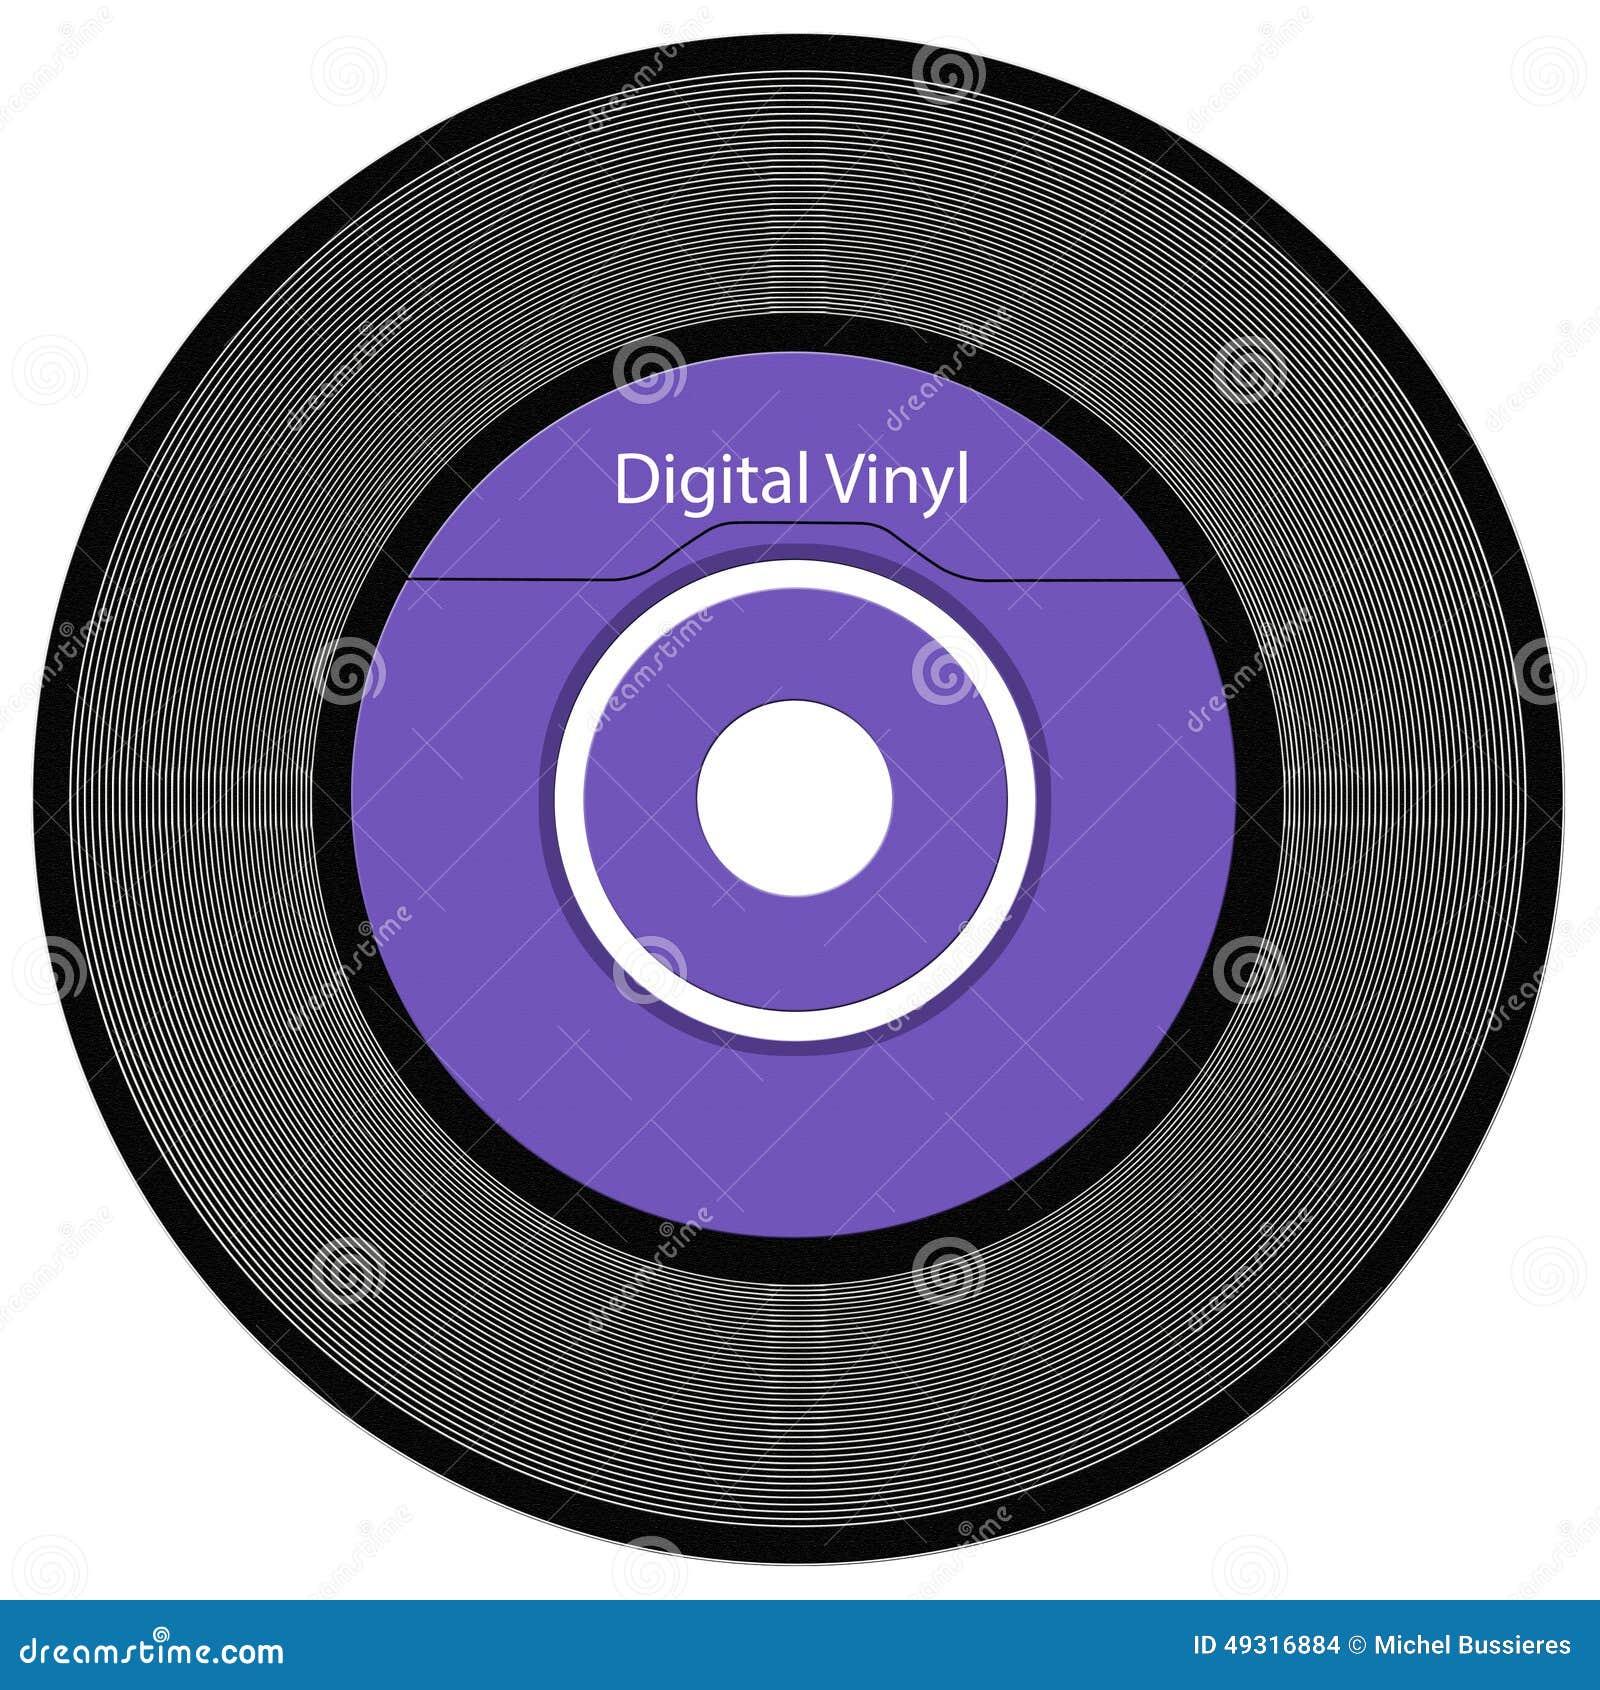 digital vinyl stock illustration image 49316884. Black Bedroom Furniture Sets. Home Design Ideas